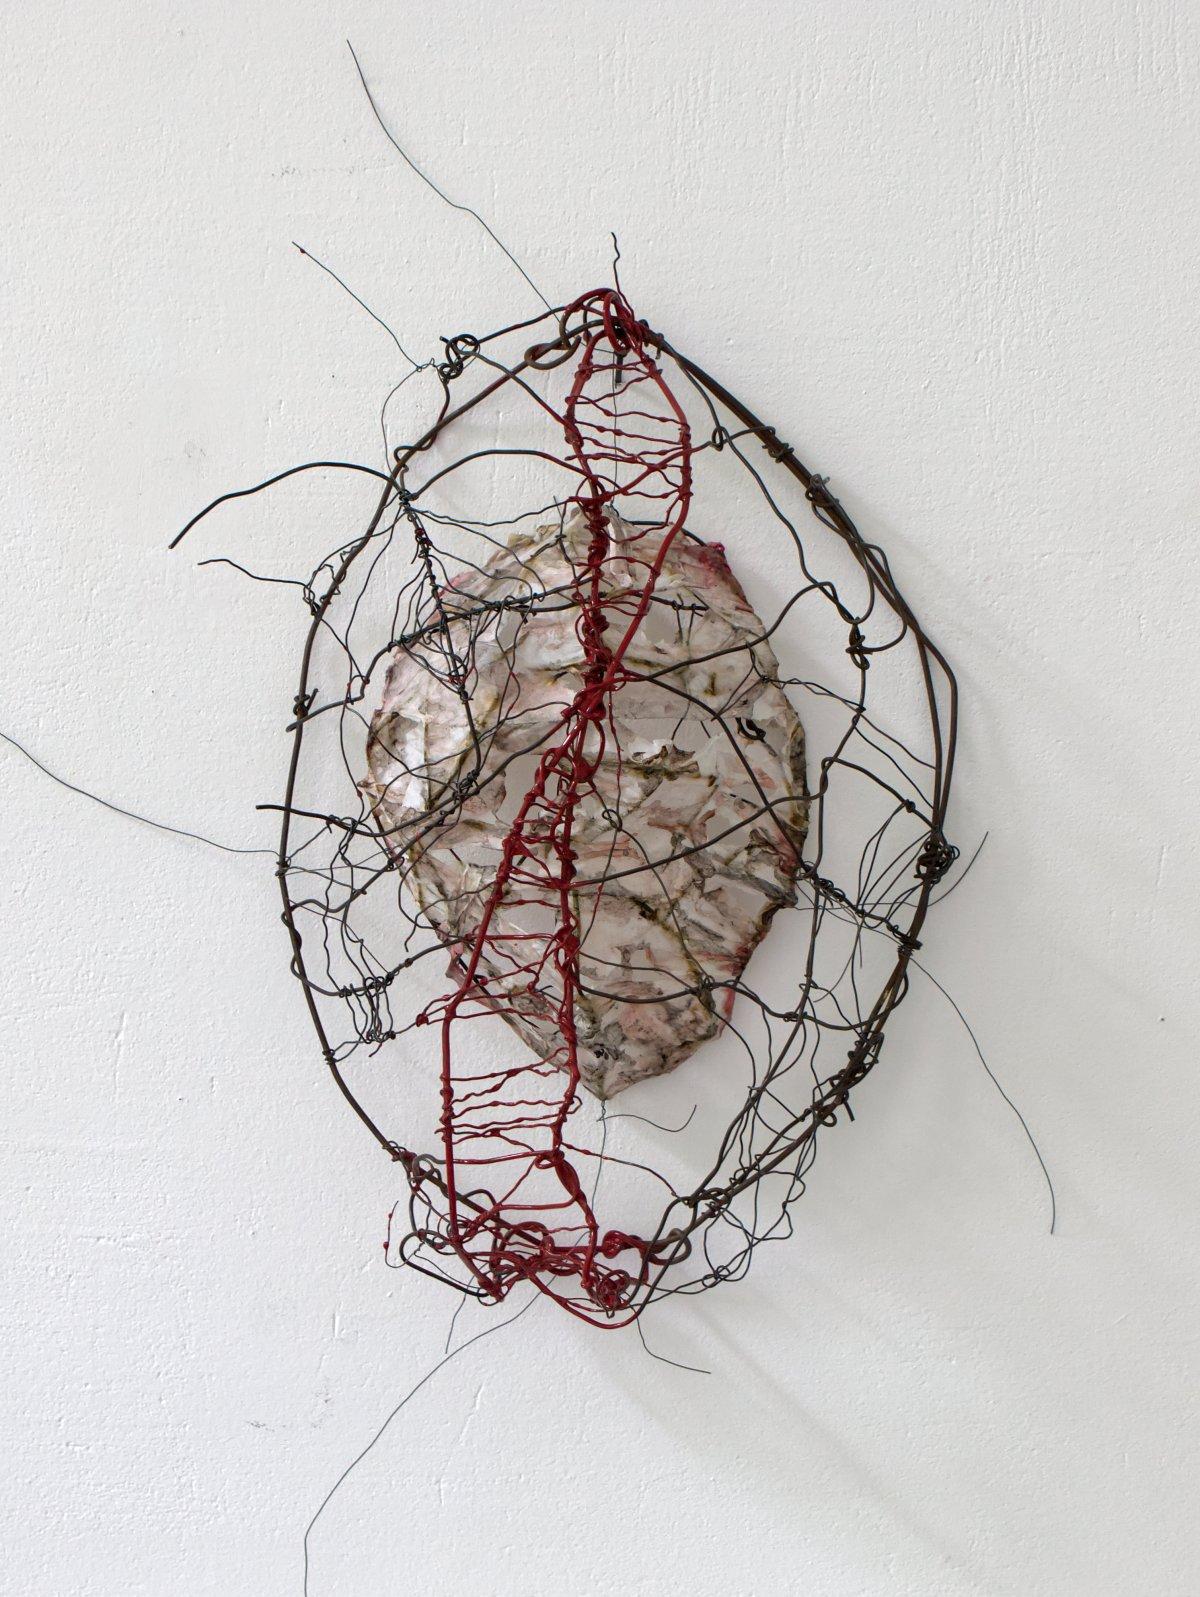 #22 Karin de Visser, Verweven, ijzer, draad, papier, ± 30x21x10 cm